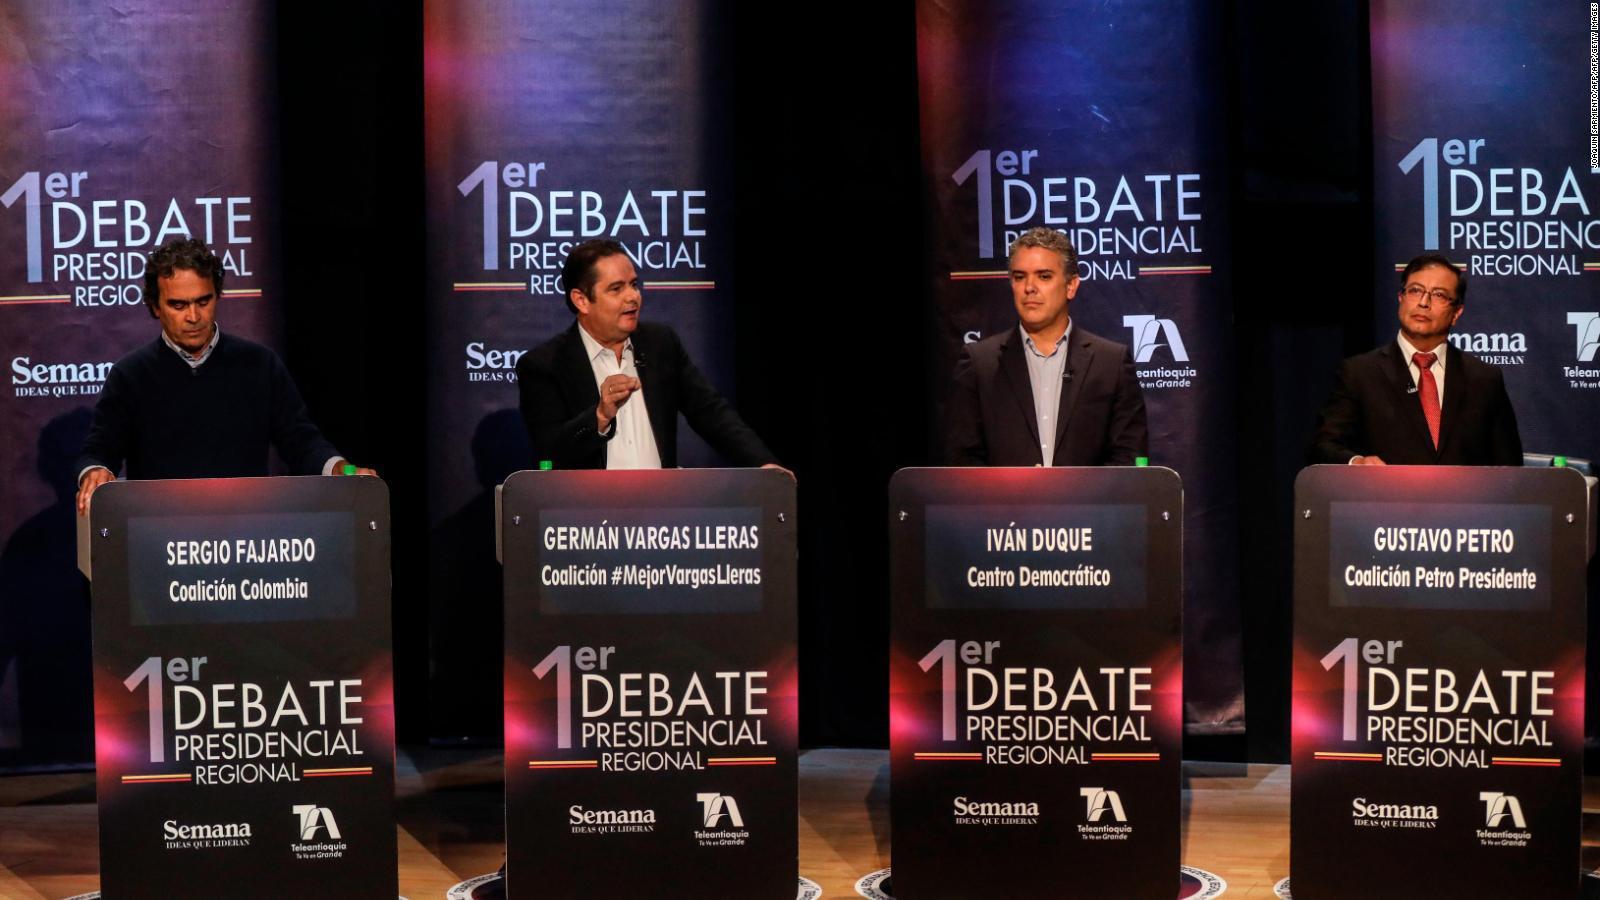 Lo que nos dejaron los dos primeros debates